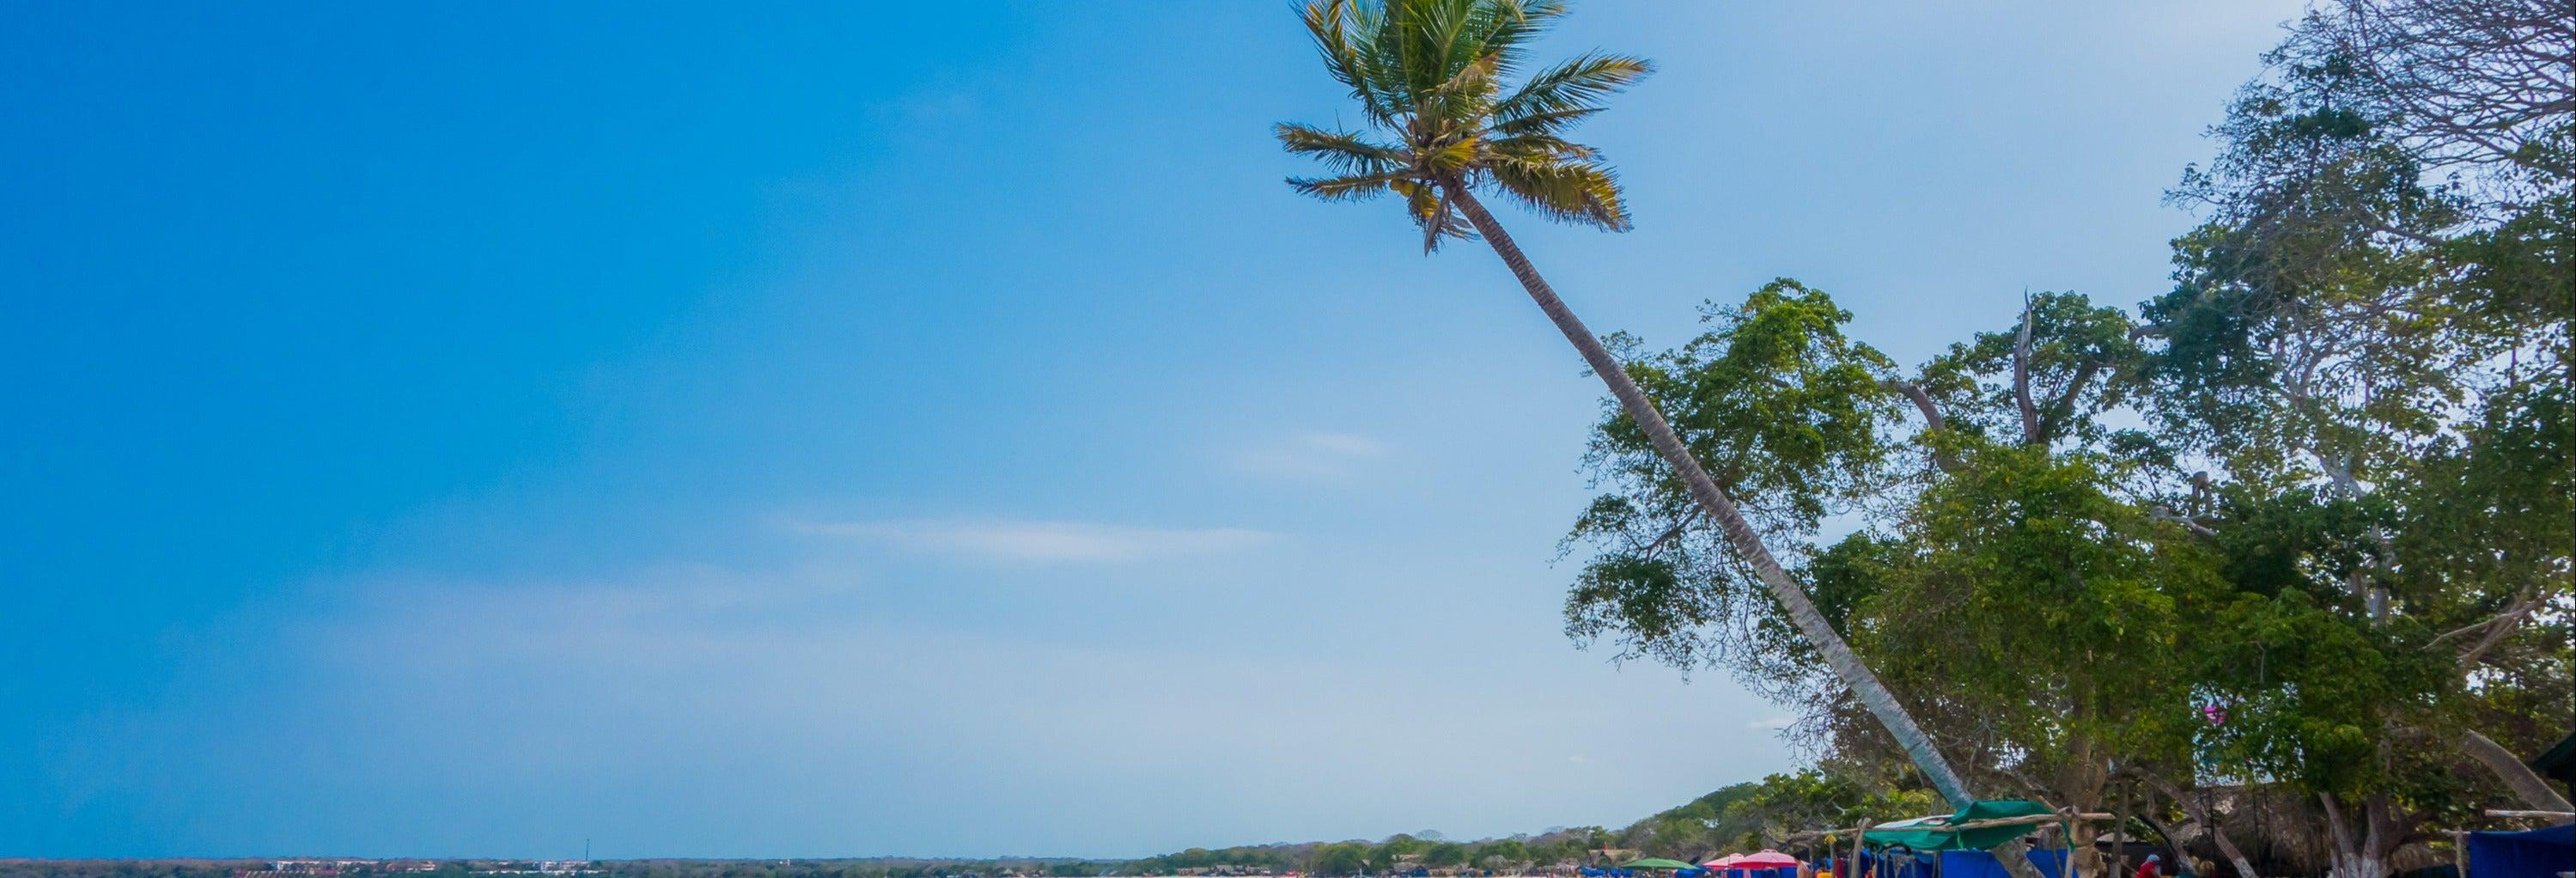 Excursión al Acuario Rodadero y Playa Blanca